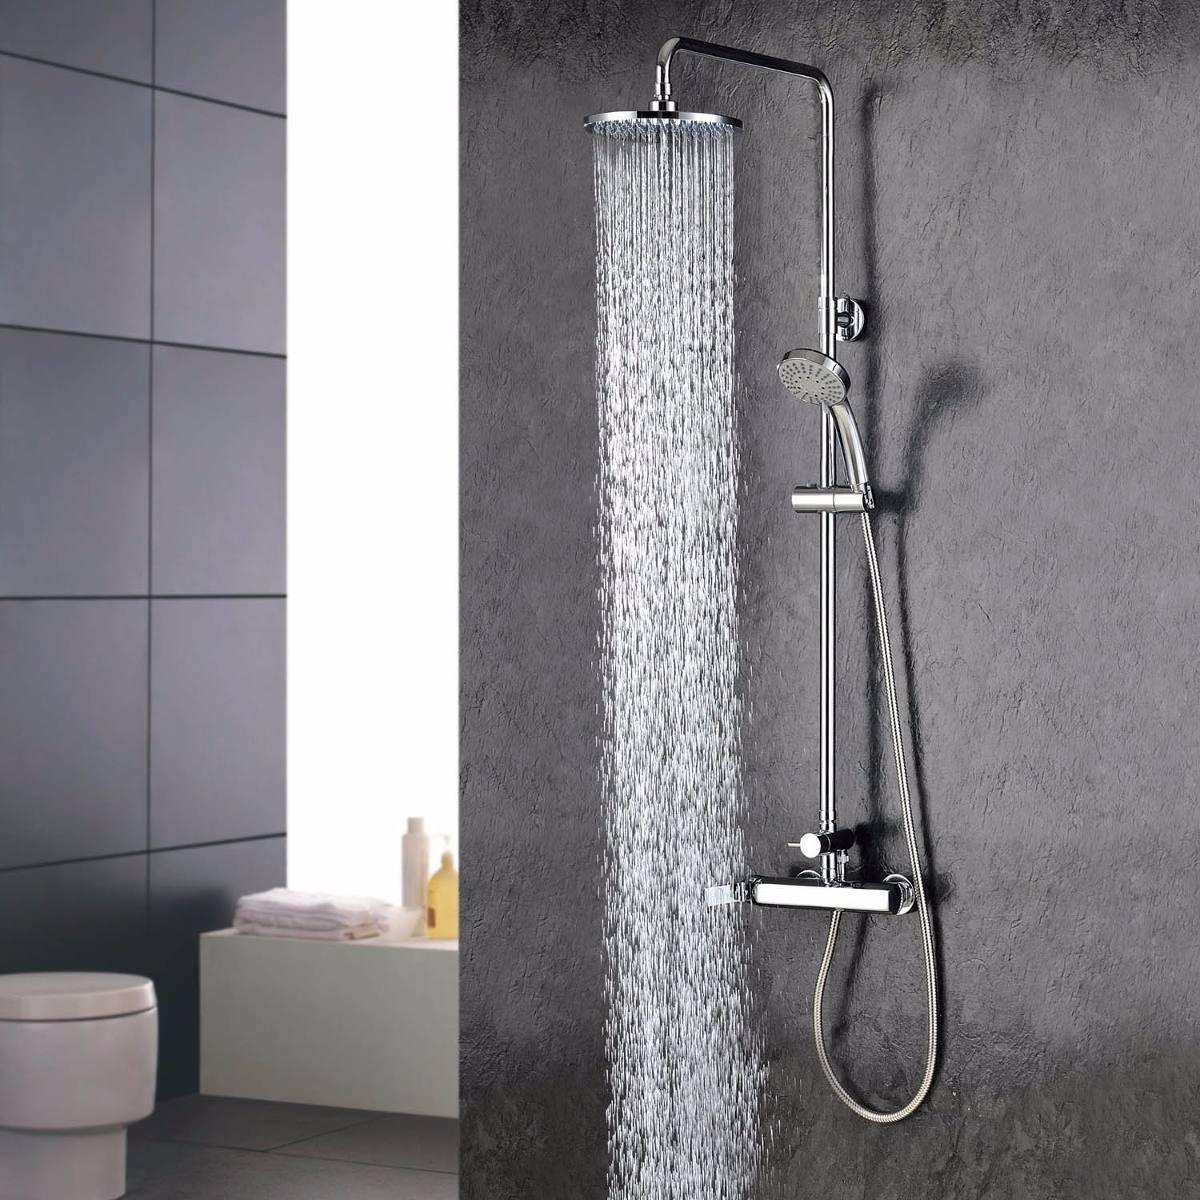 Altura de regadera de bano mejores ideas para el dise o for Llave ducha telefono